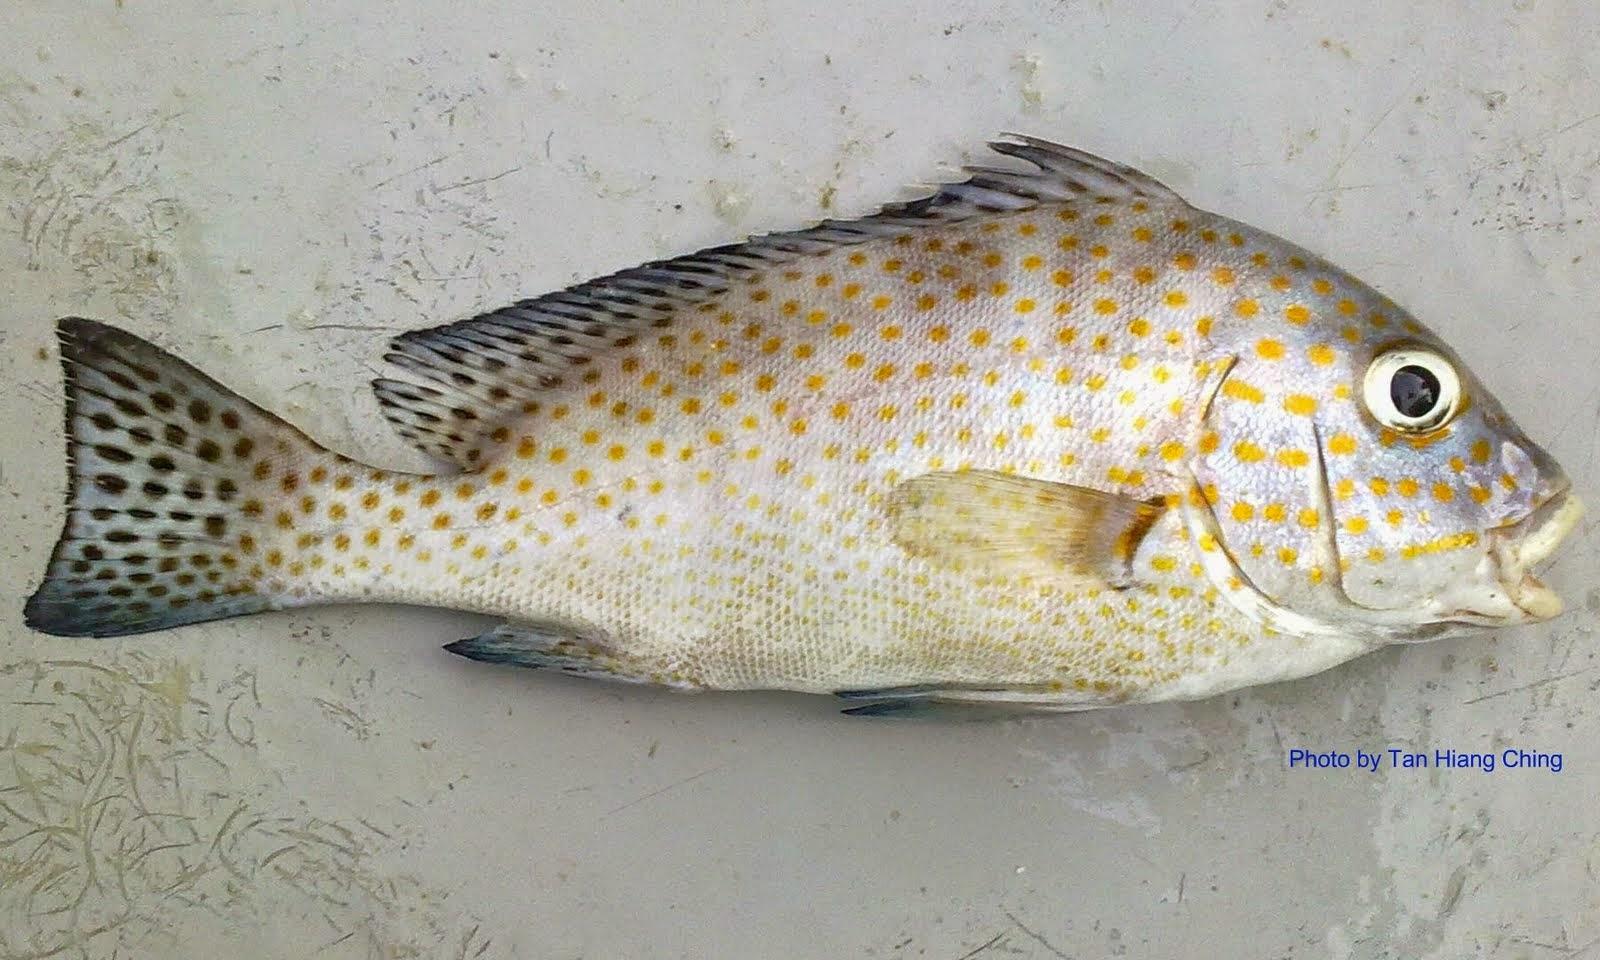 Resepi: Ikan Kaci Goreng Beraroma (Resepi Simple2 Je) | Leyanita Craft Studio